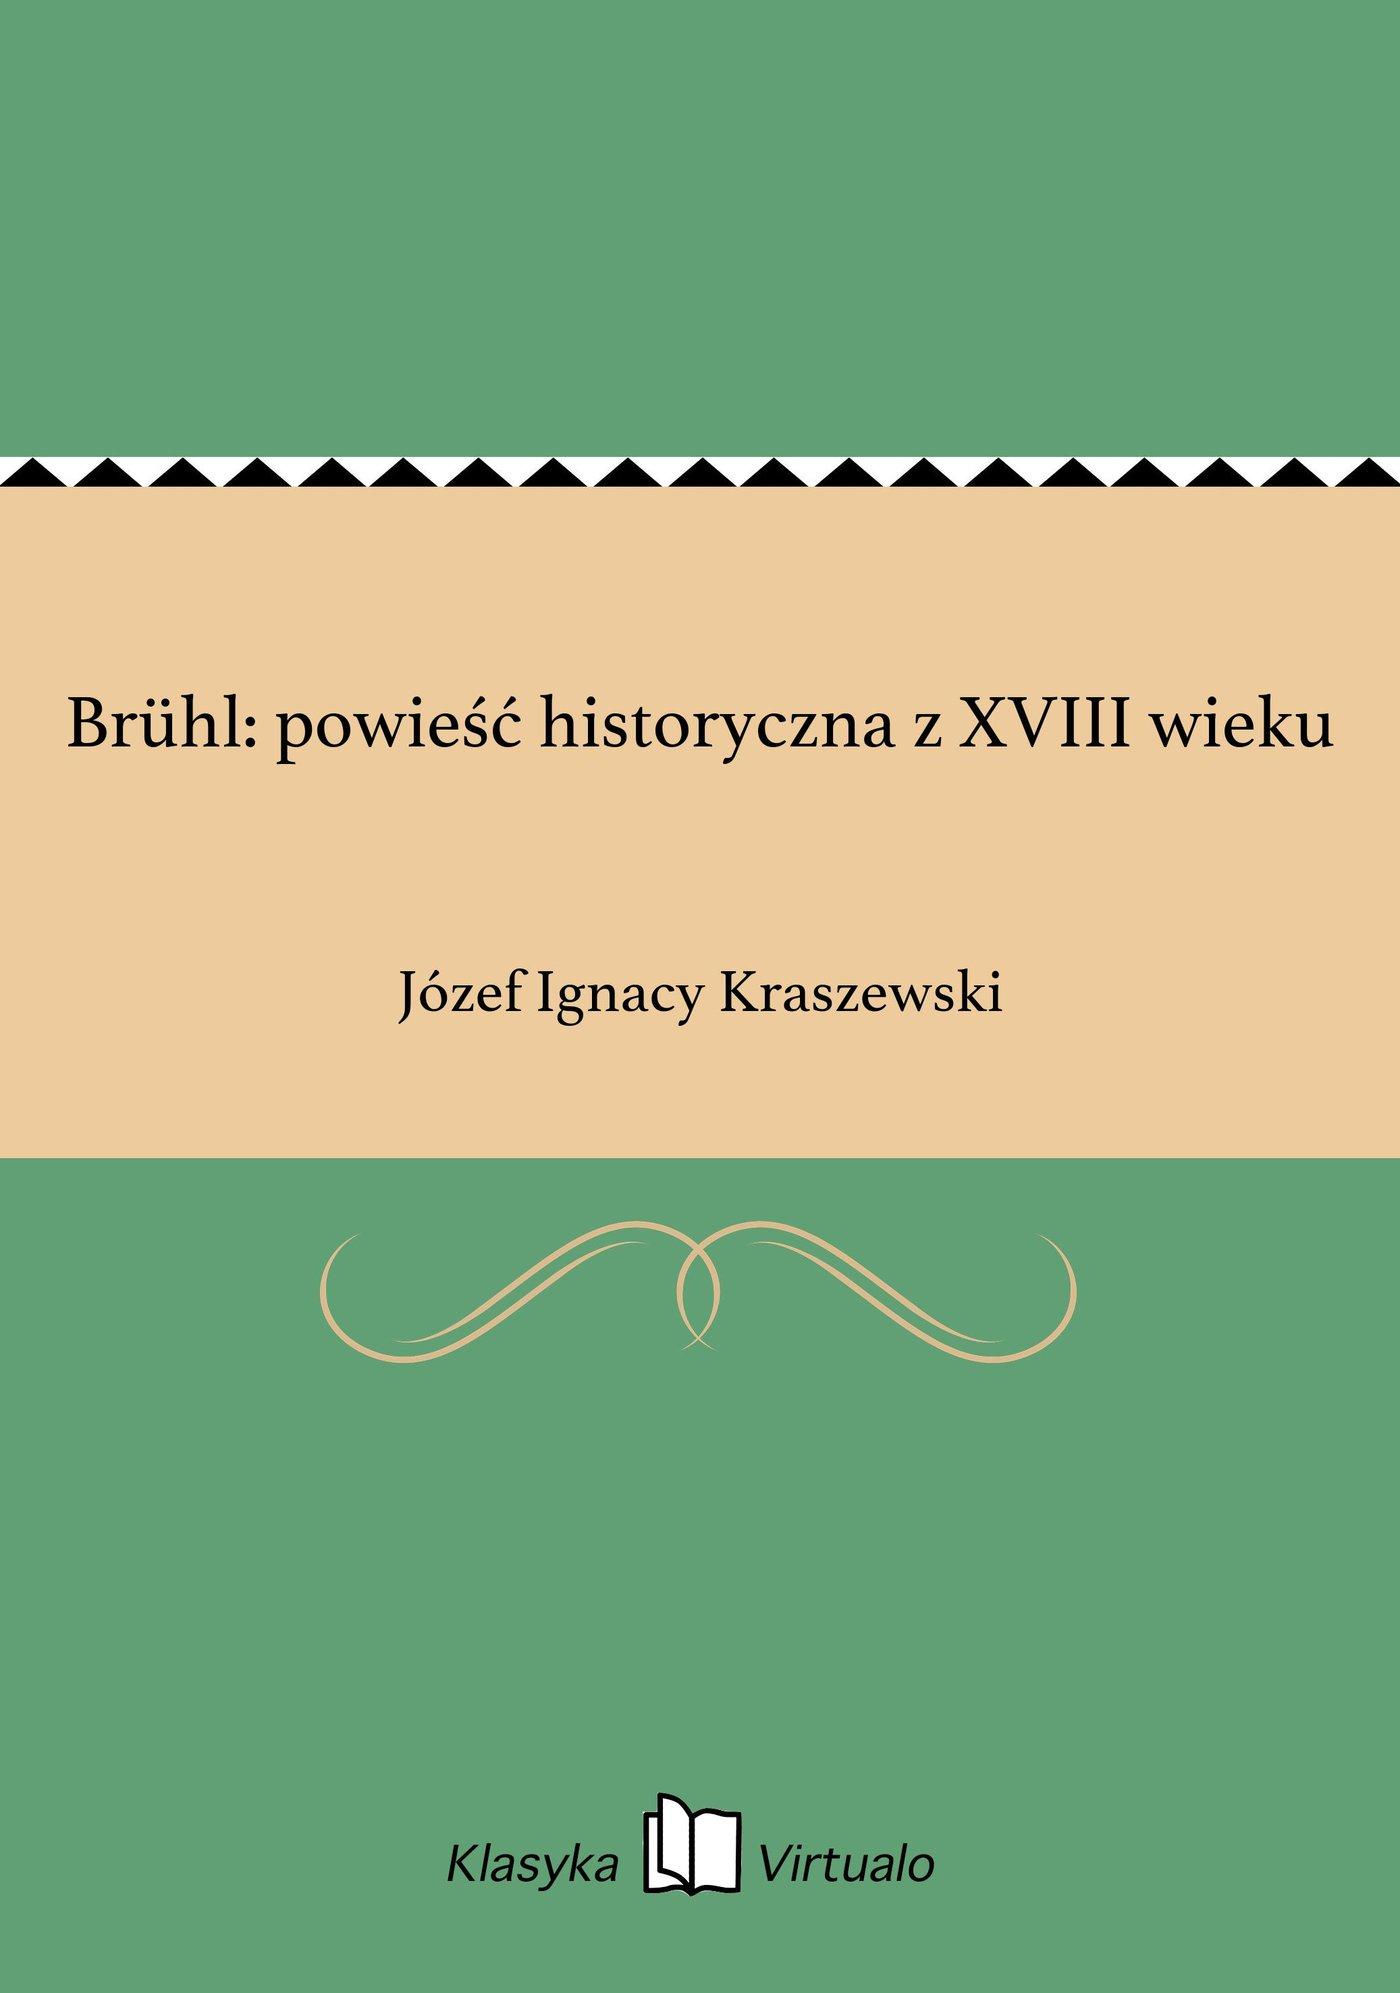 Brühl: powieść historyczna z XVIII wieku - Ebook (Książka na Kindle) do pobrania w formacie MOBI